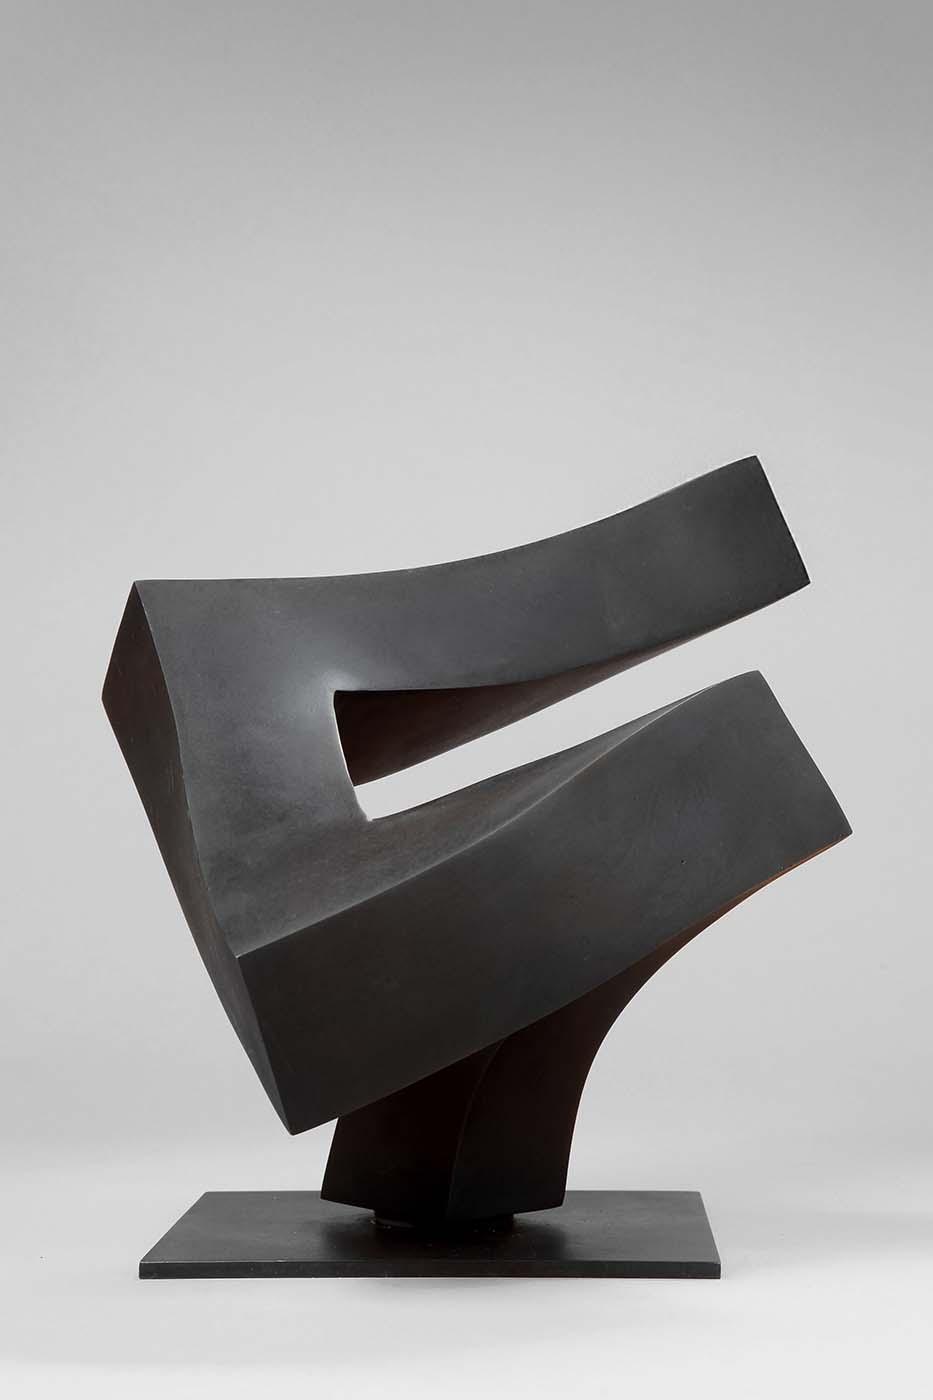 Athlet (Starter), 1998, Bronze, 22 x 22 x 34 cm (02)